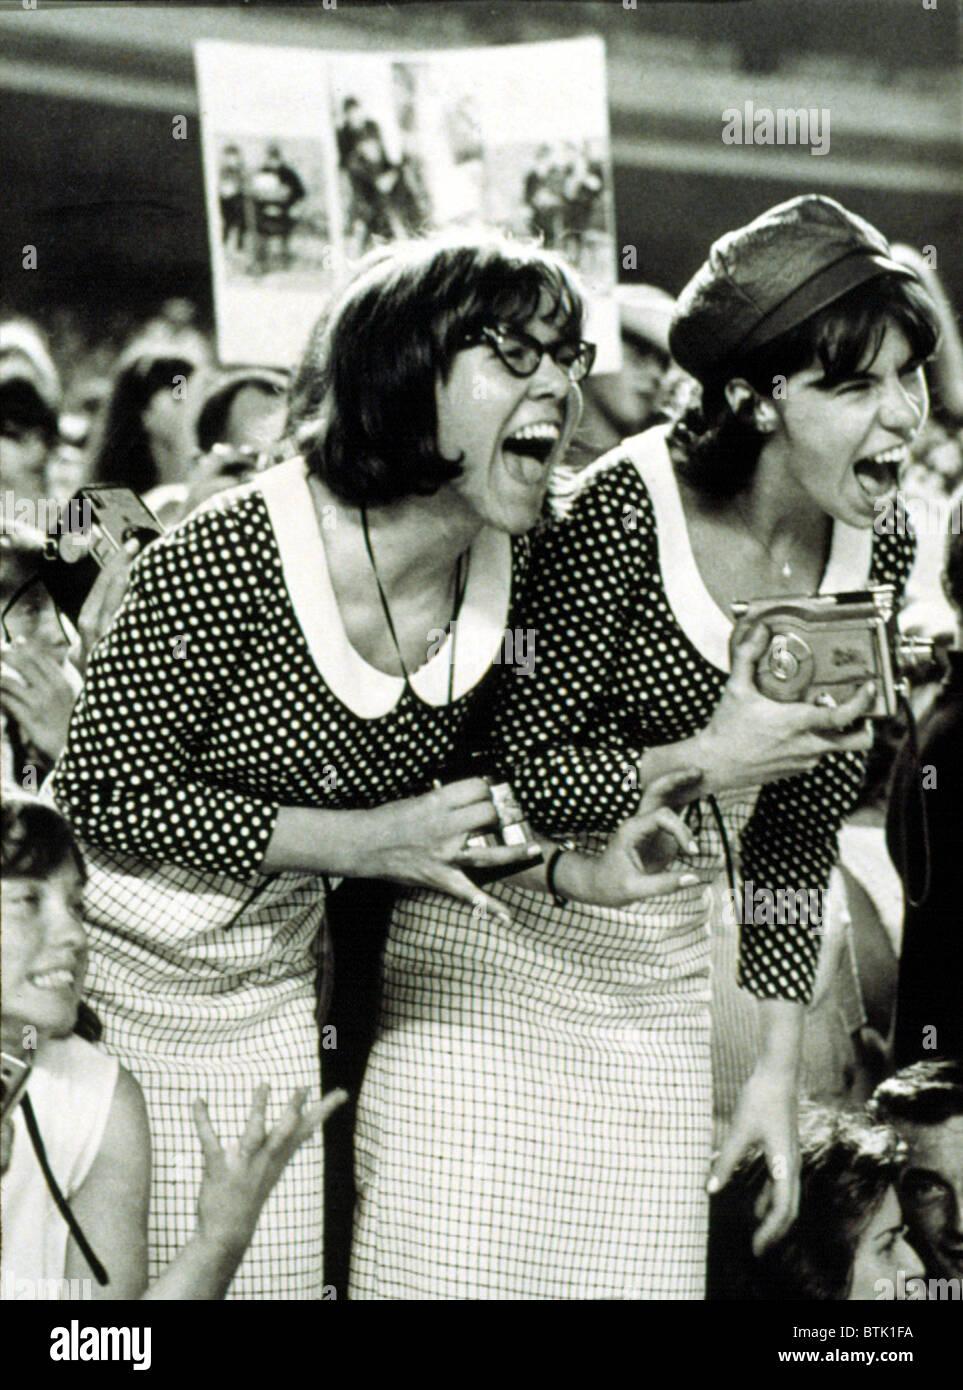 I FAN DEI BEATLES urlare un concerto presso lo Shea Stadium, NY, 8/15/65, la visualizzazione di ciò che è Immagini Stock